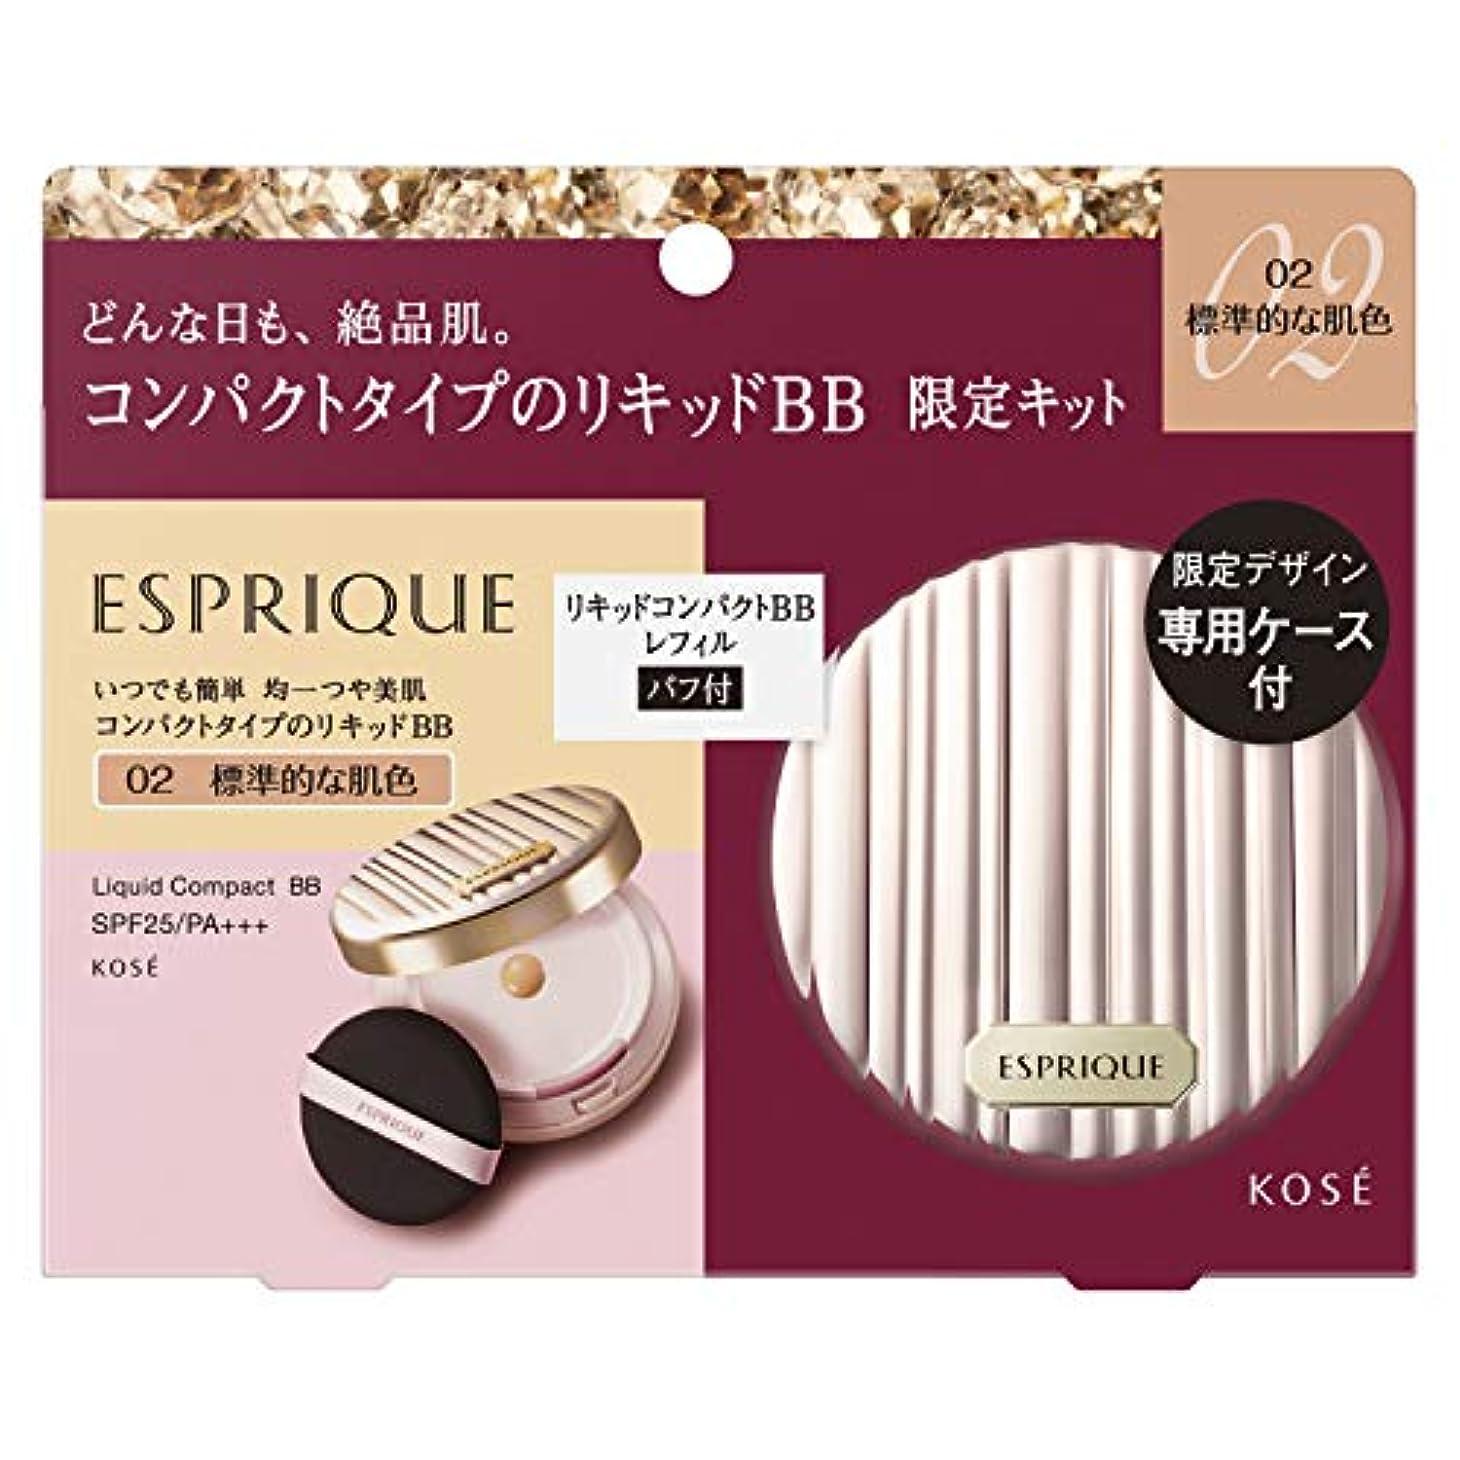 磁石迷彩一貫したエスプリーク リキッド コンパクト BB 限定キット 2 02 標準的な肌色